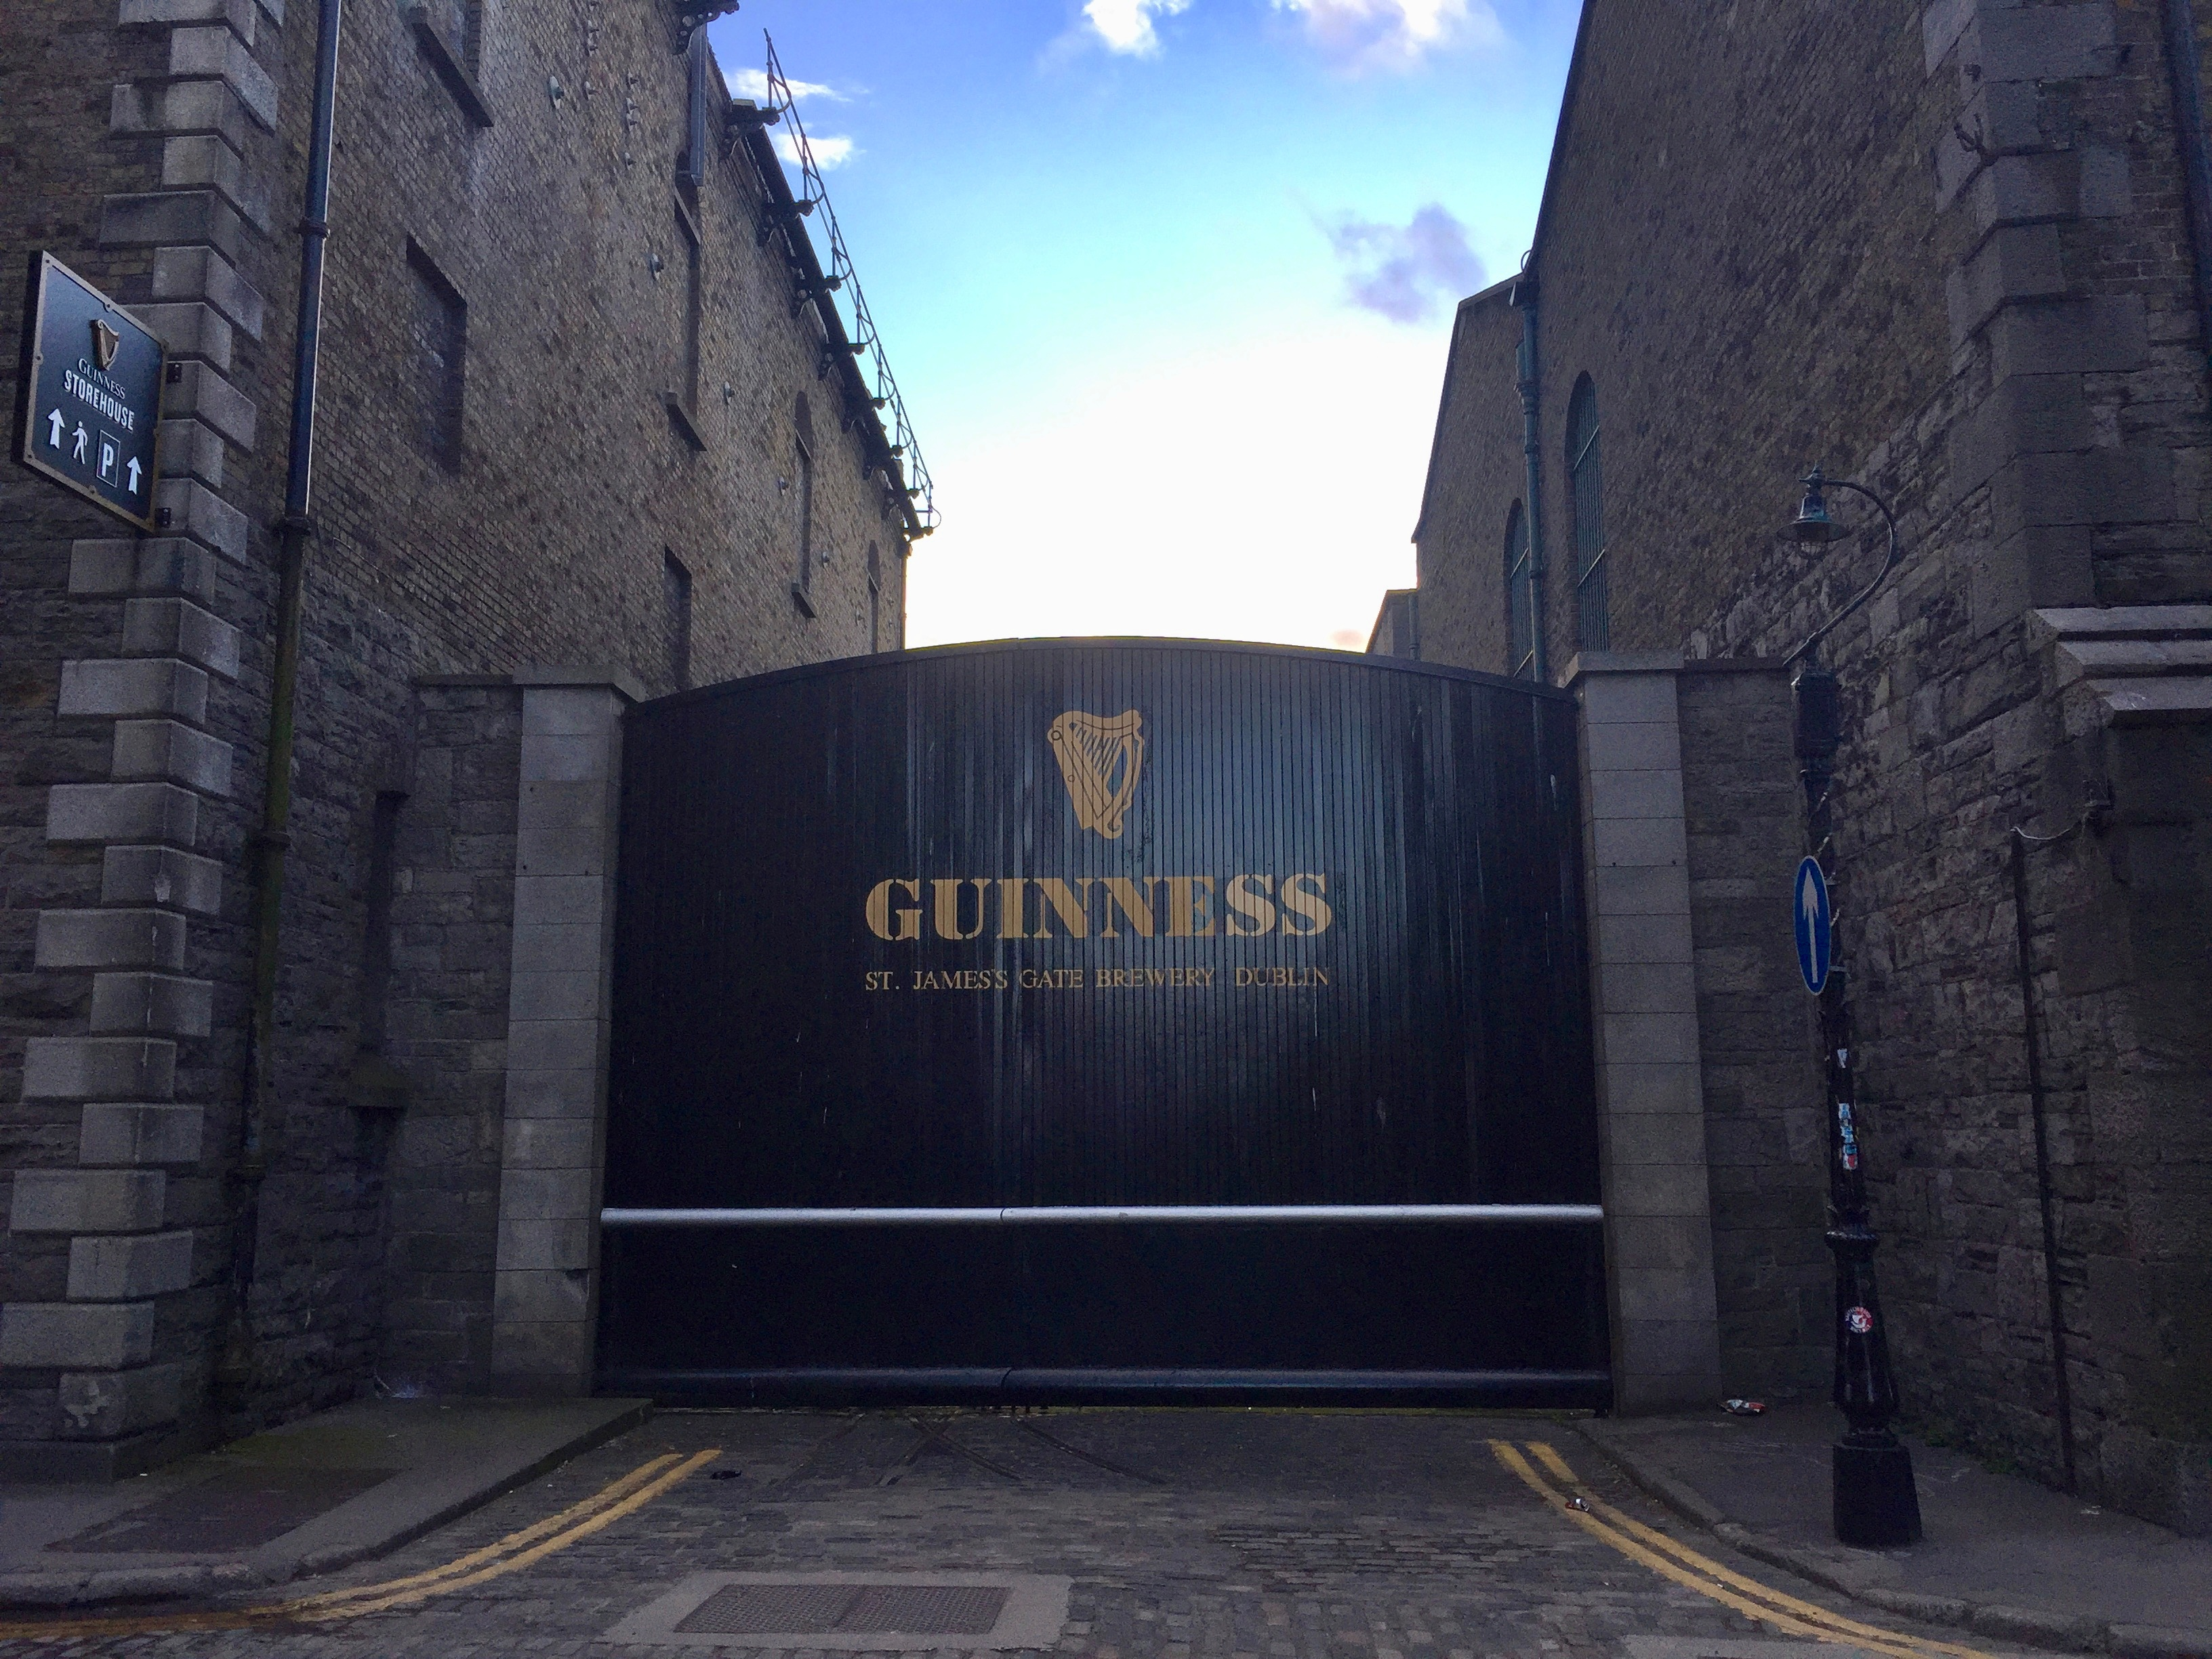 guinness_storehouse.jpeg